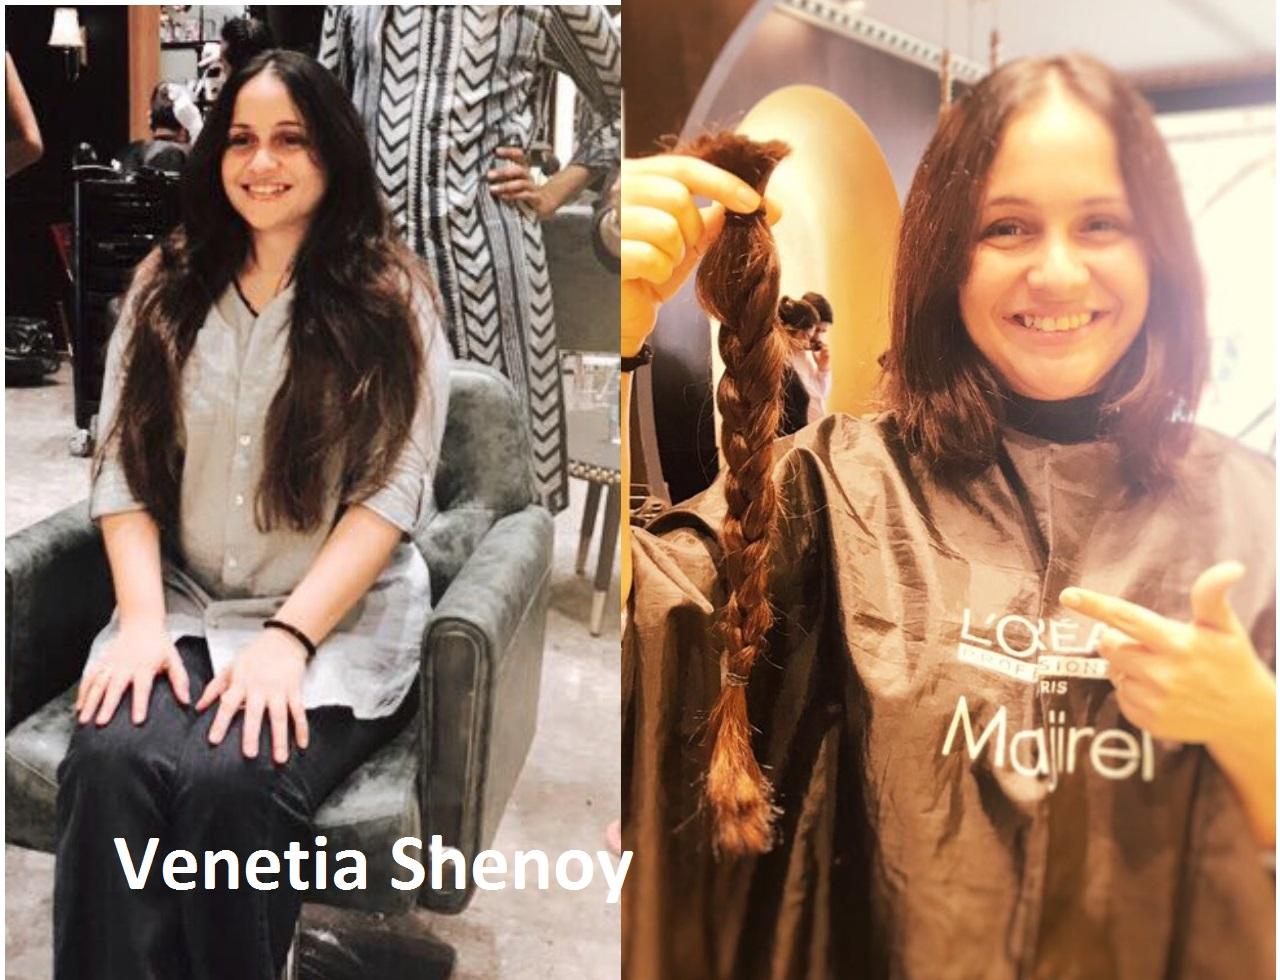 Venetia Shenoy